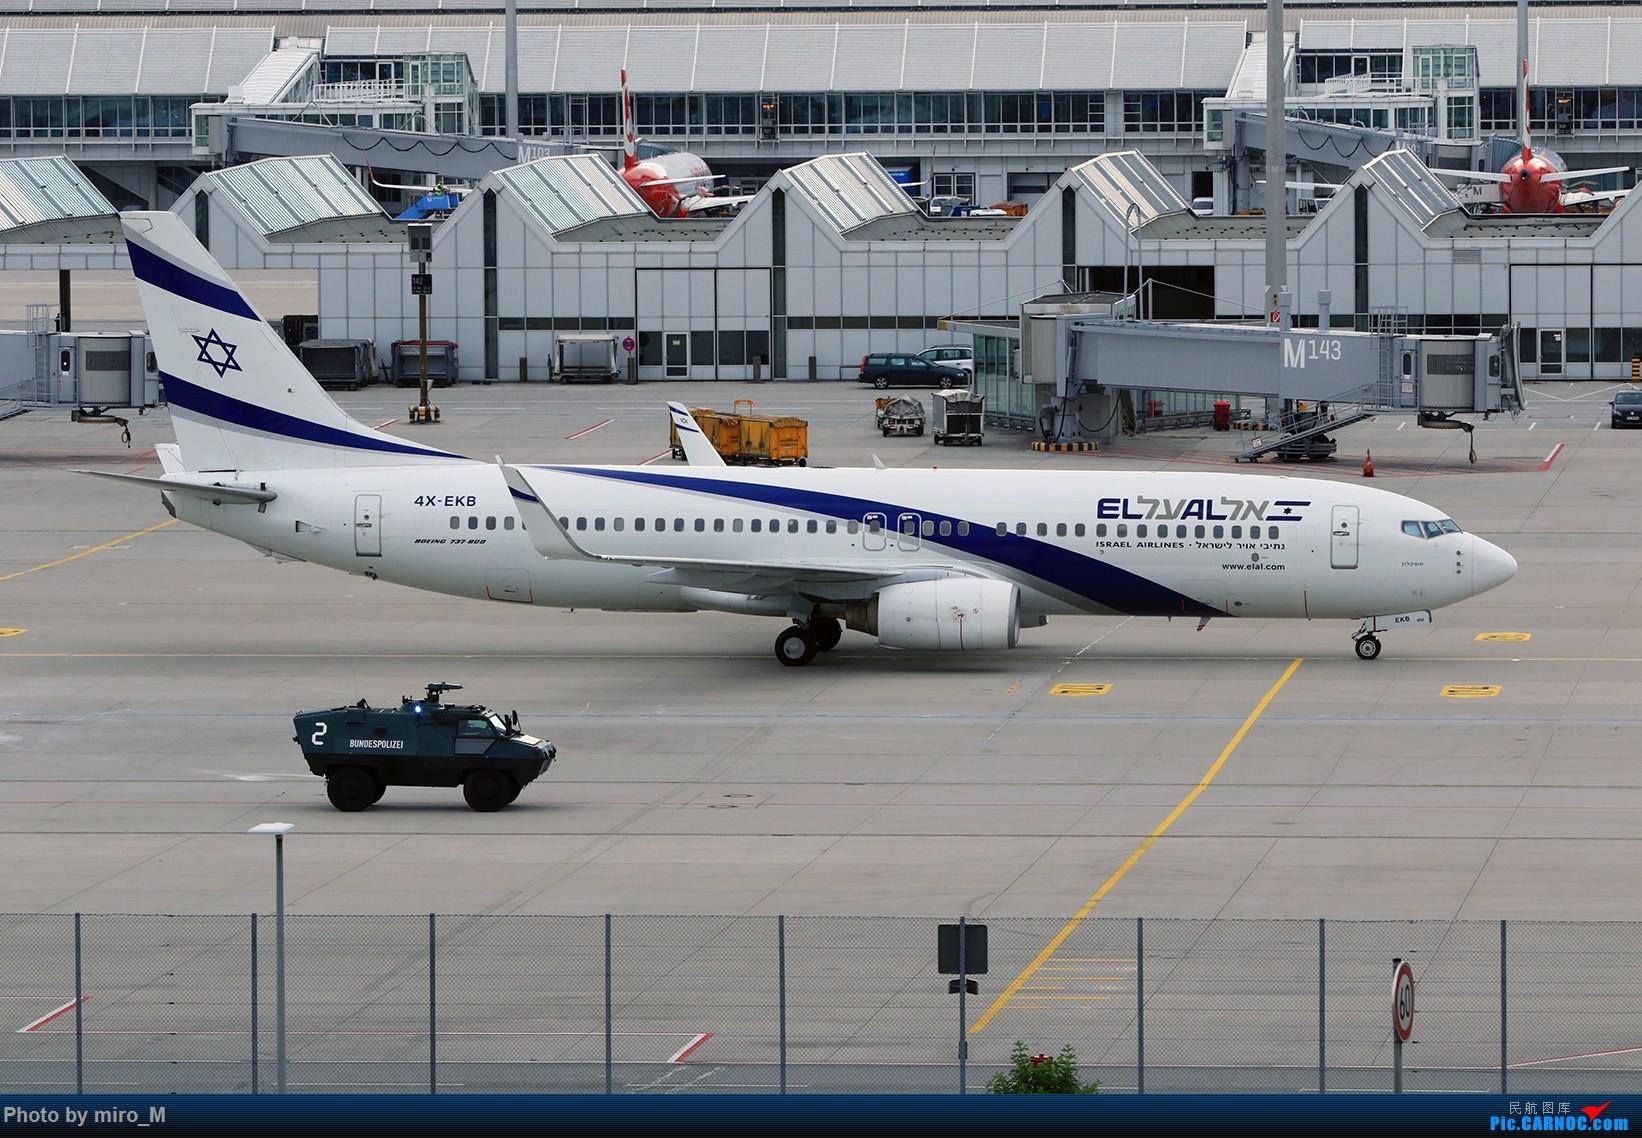 Re:[原创]欧洲浪了一圈,CS100,BAE146,fokker70等新老机型串着飞+ZRH,MUC,FRA,AMS,TLS拍机 BOEING 737-800 4X-EKB MUC